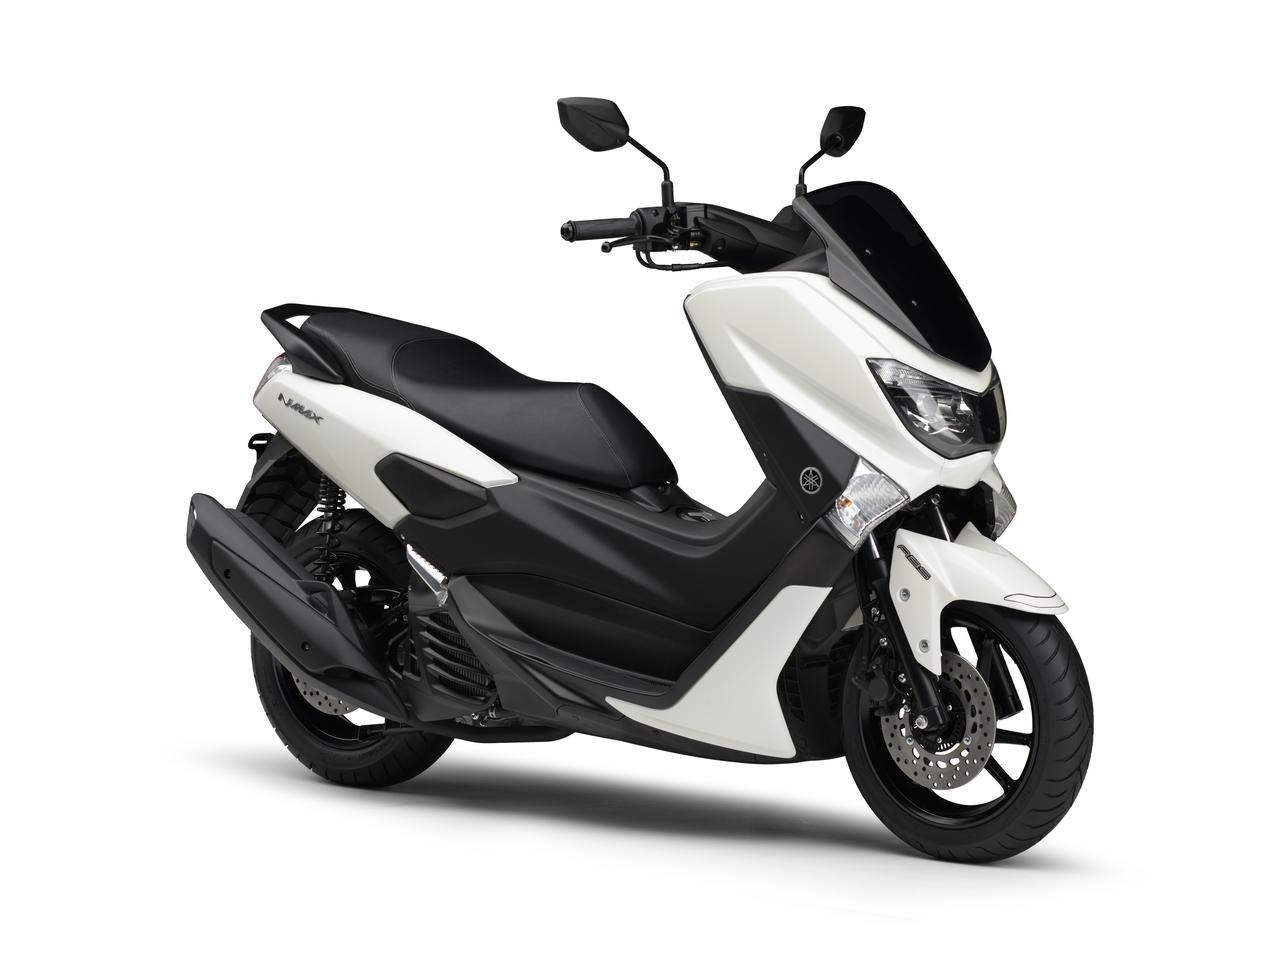 画像17: ヤマハの原付二種「NMAX ABS」2020年モデル情報|新色が4月25日に発売!【価格・発売日・カラー・スペック】